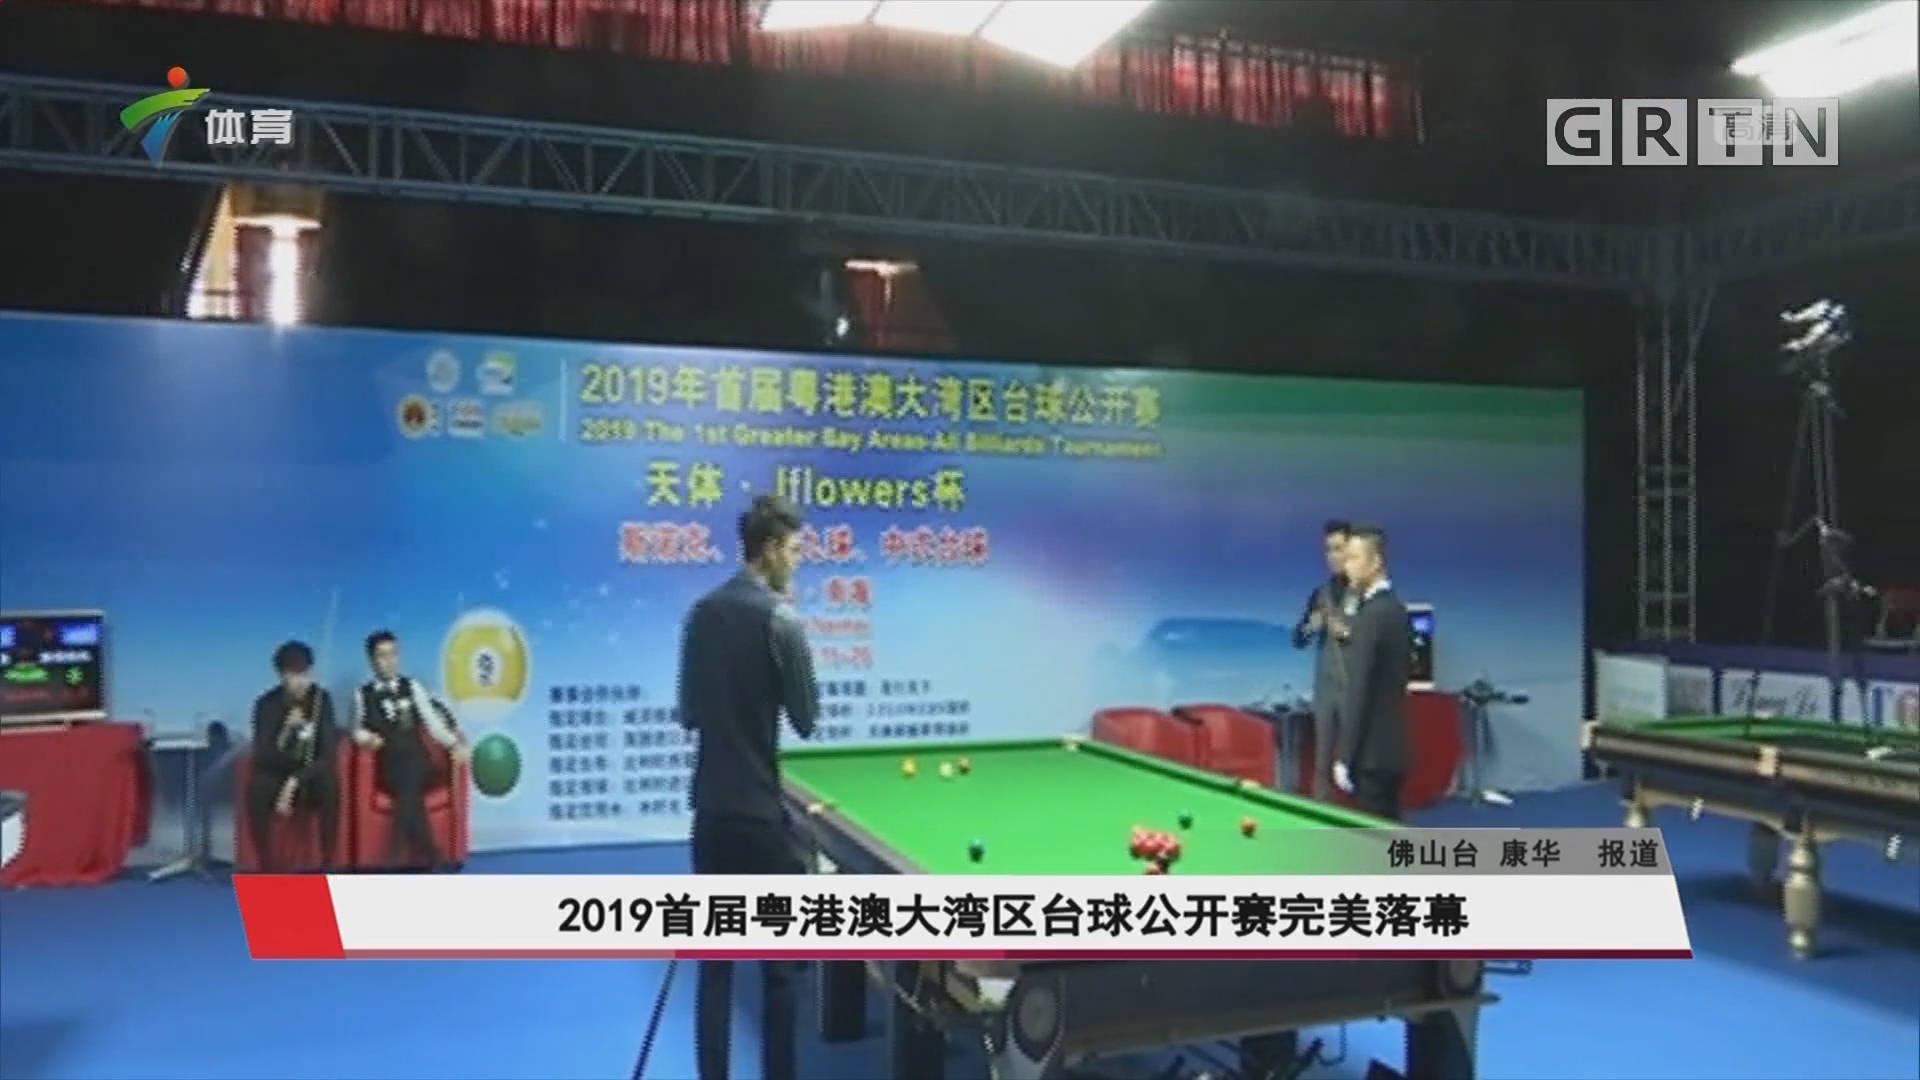 2019首届粤港澳大湾区台球公开赛完美落幕